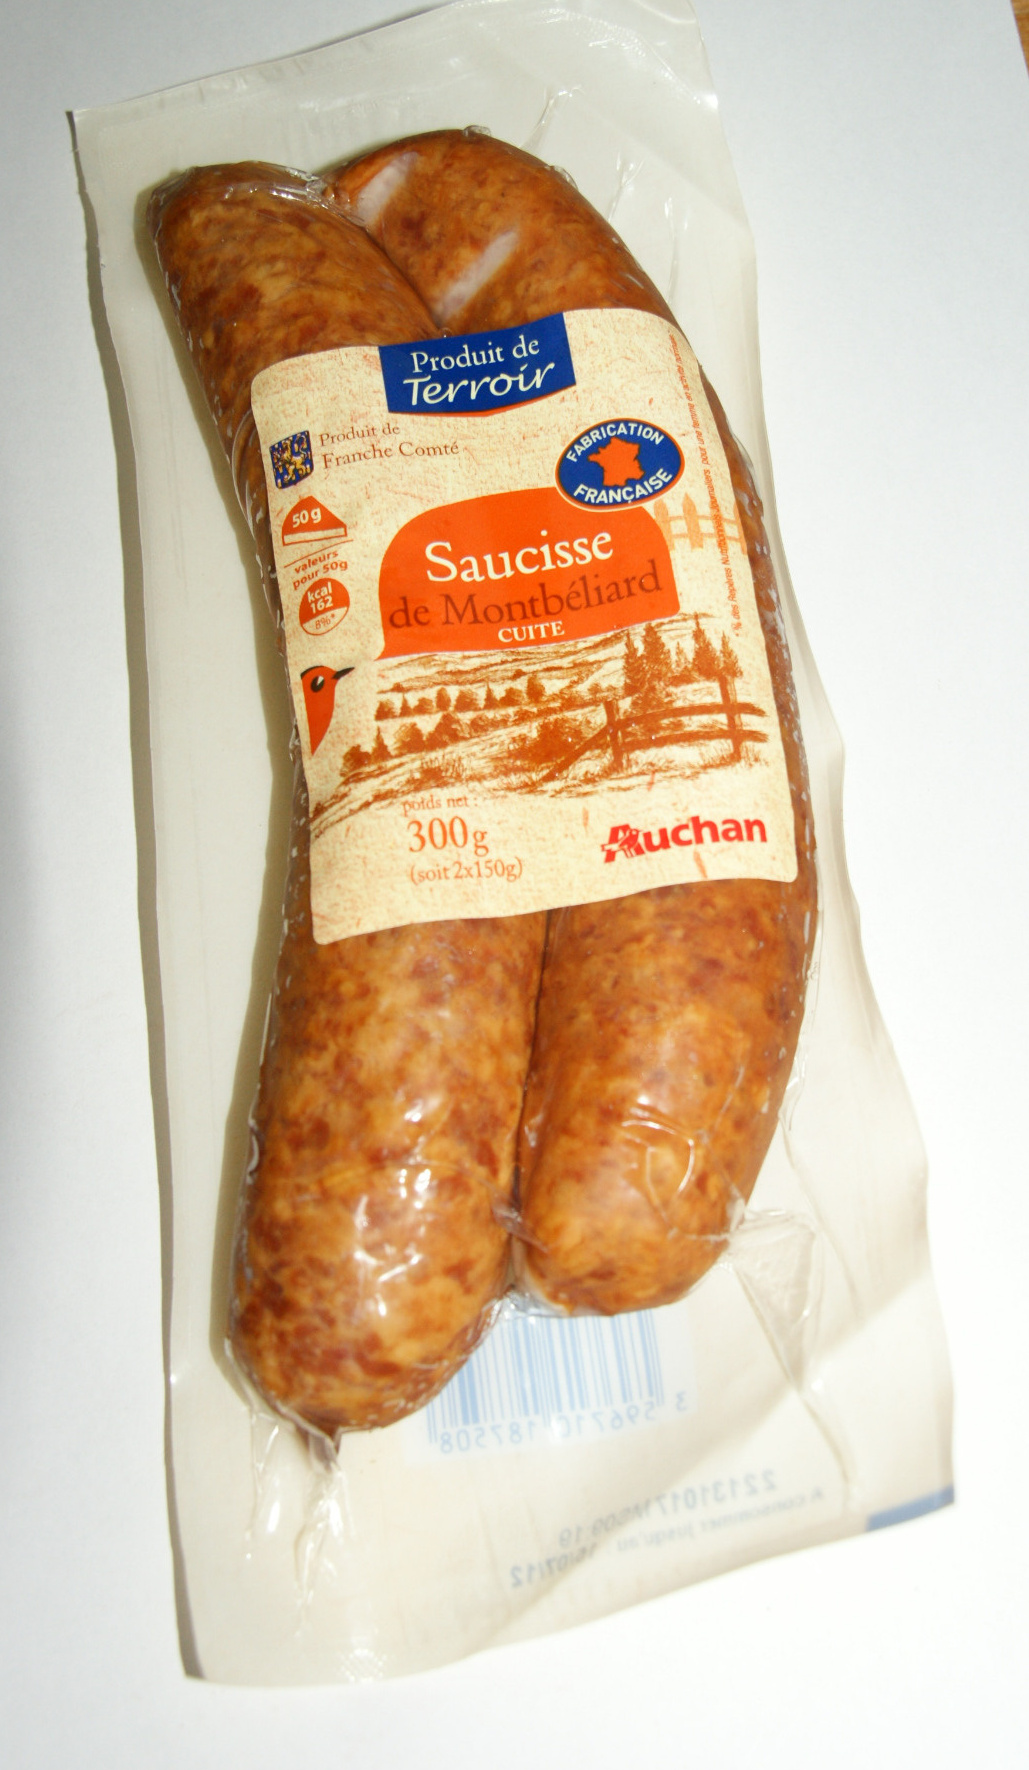 Saucisses de Montbéliard - Produit - fr